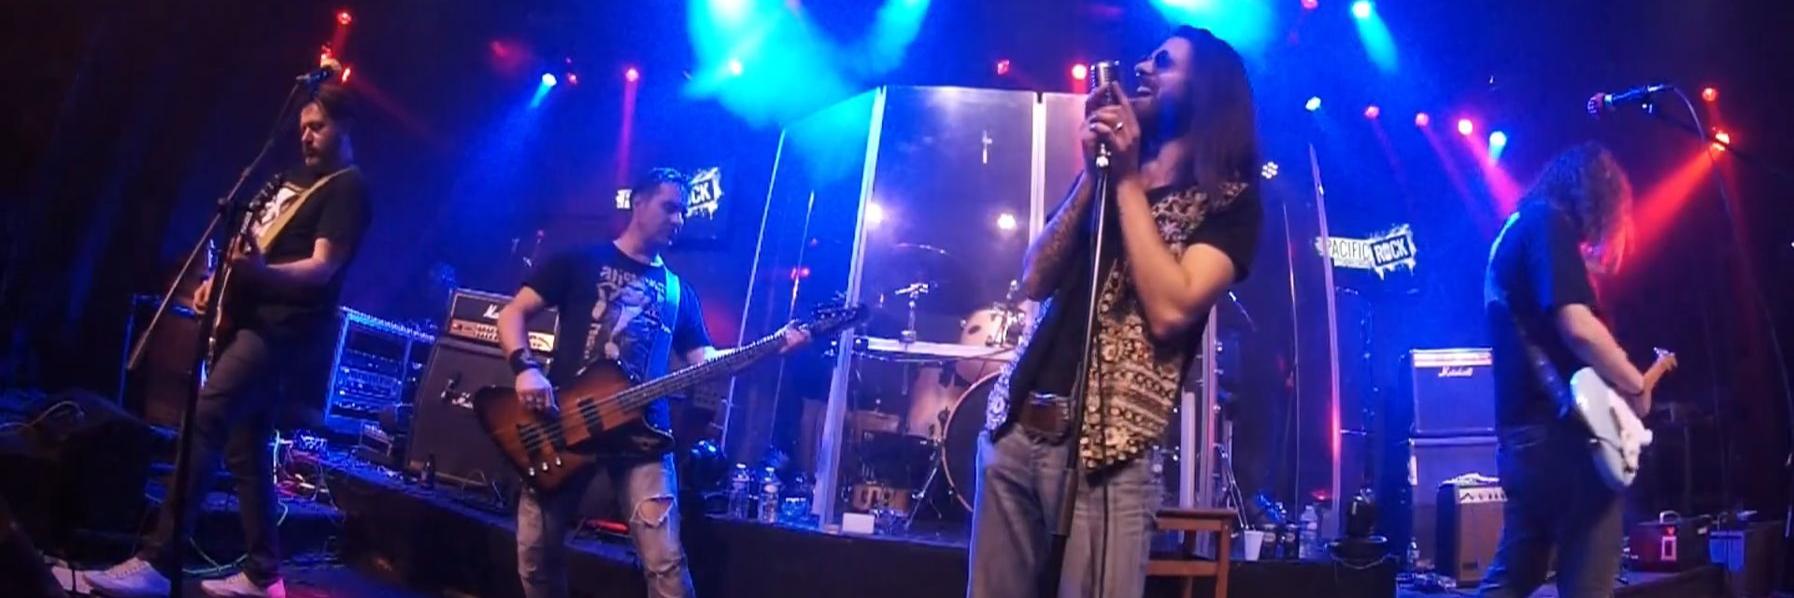 Seattle, groupe de musique Rock en représentation à Val d'Oise - photo de couverture